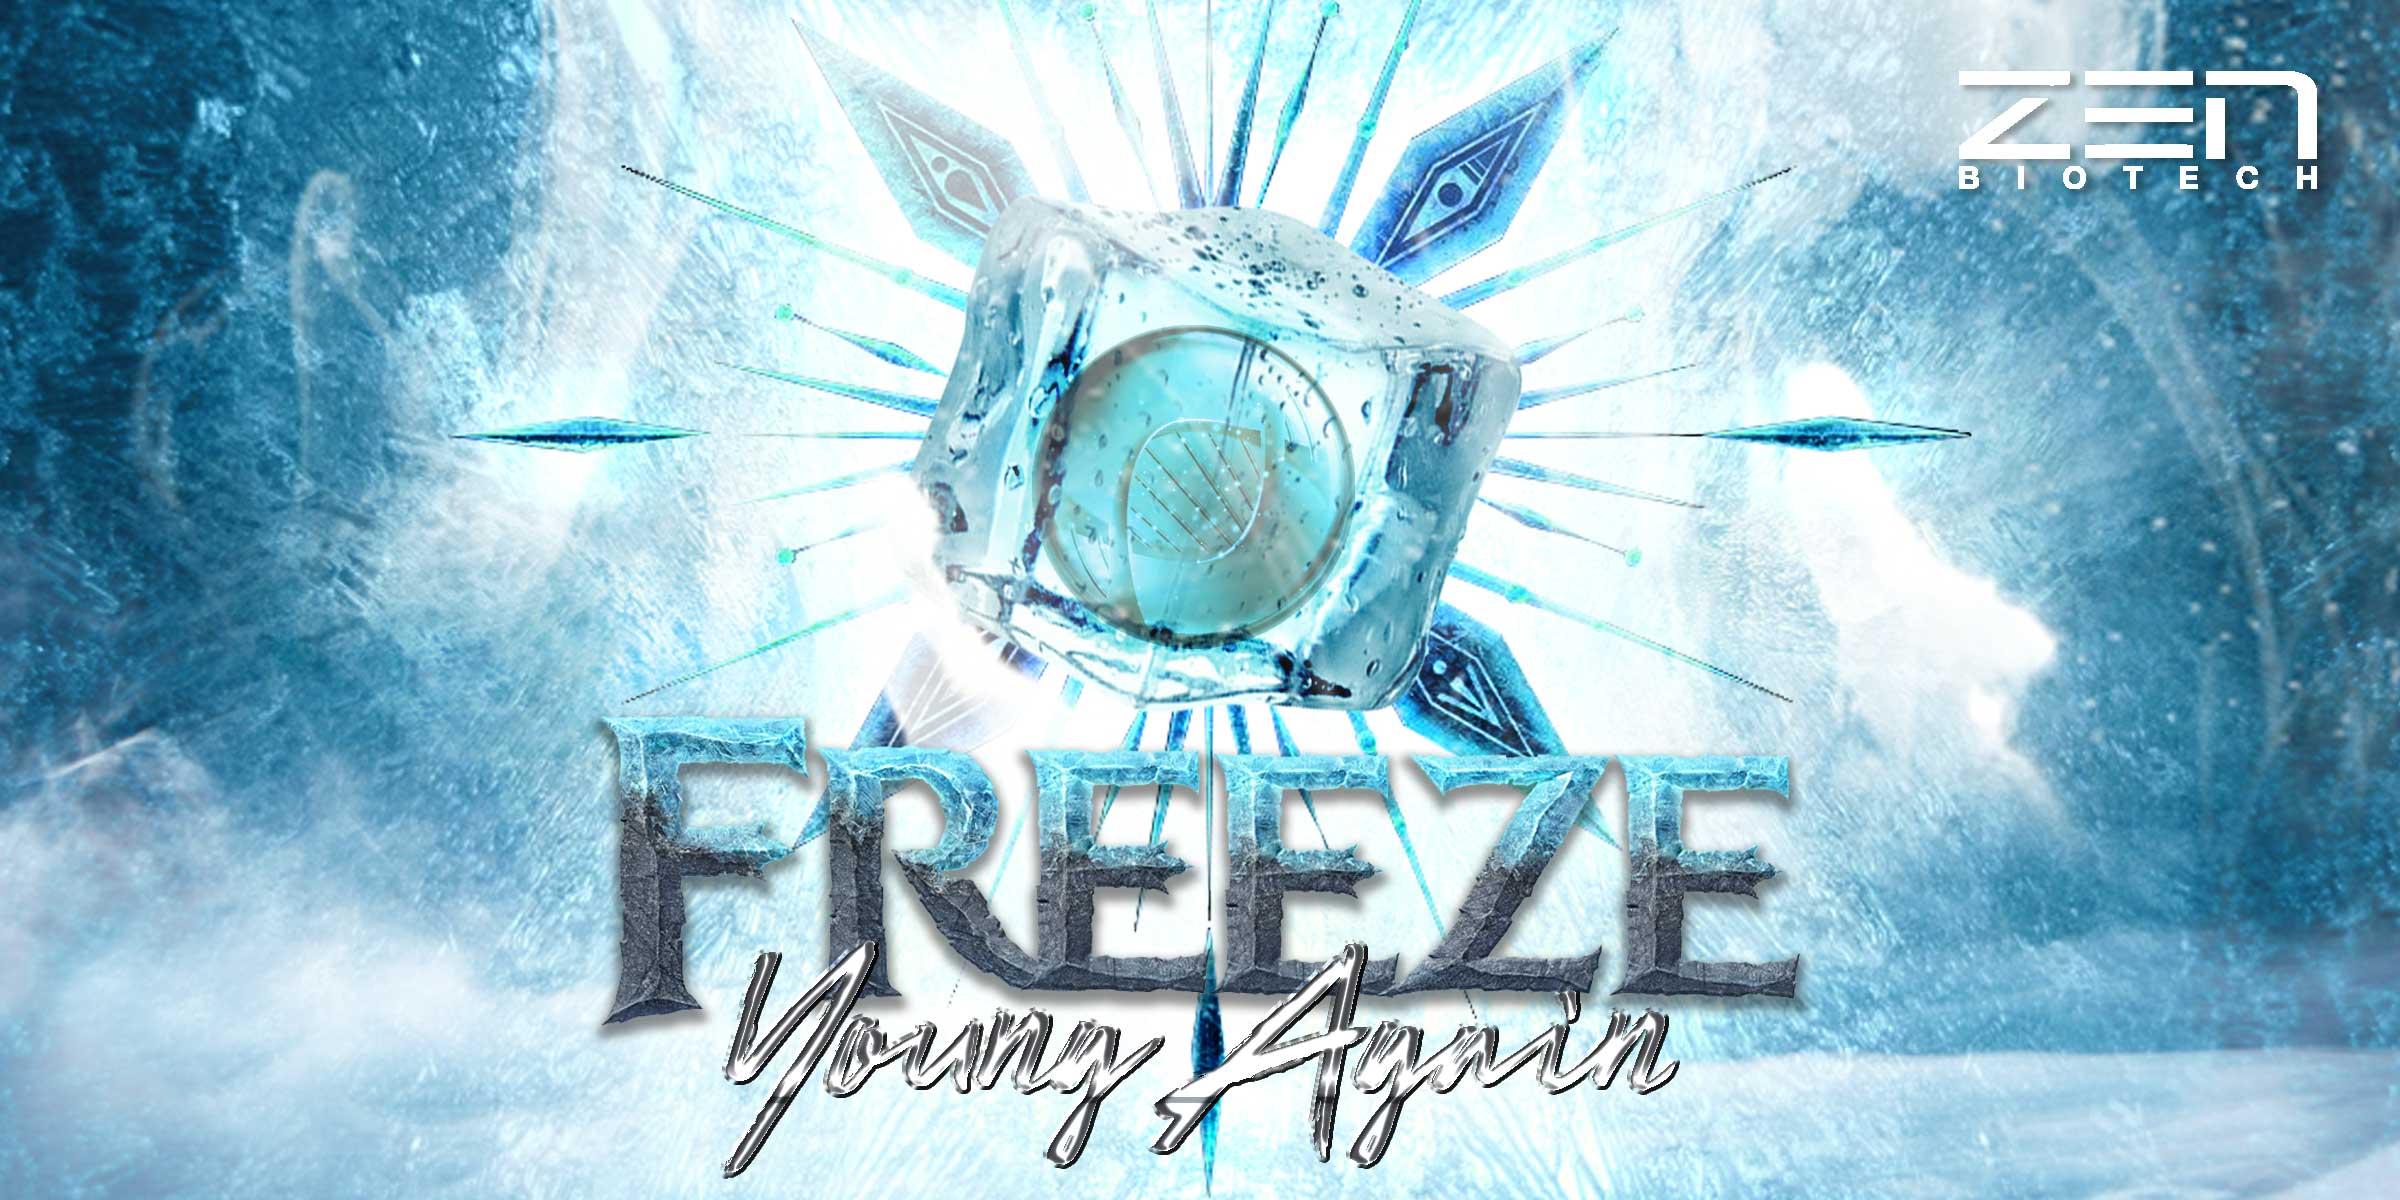 รับผลิตอาหารเสริม สูตร Freeze young agian